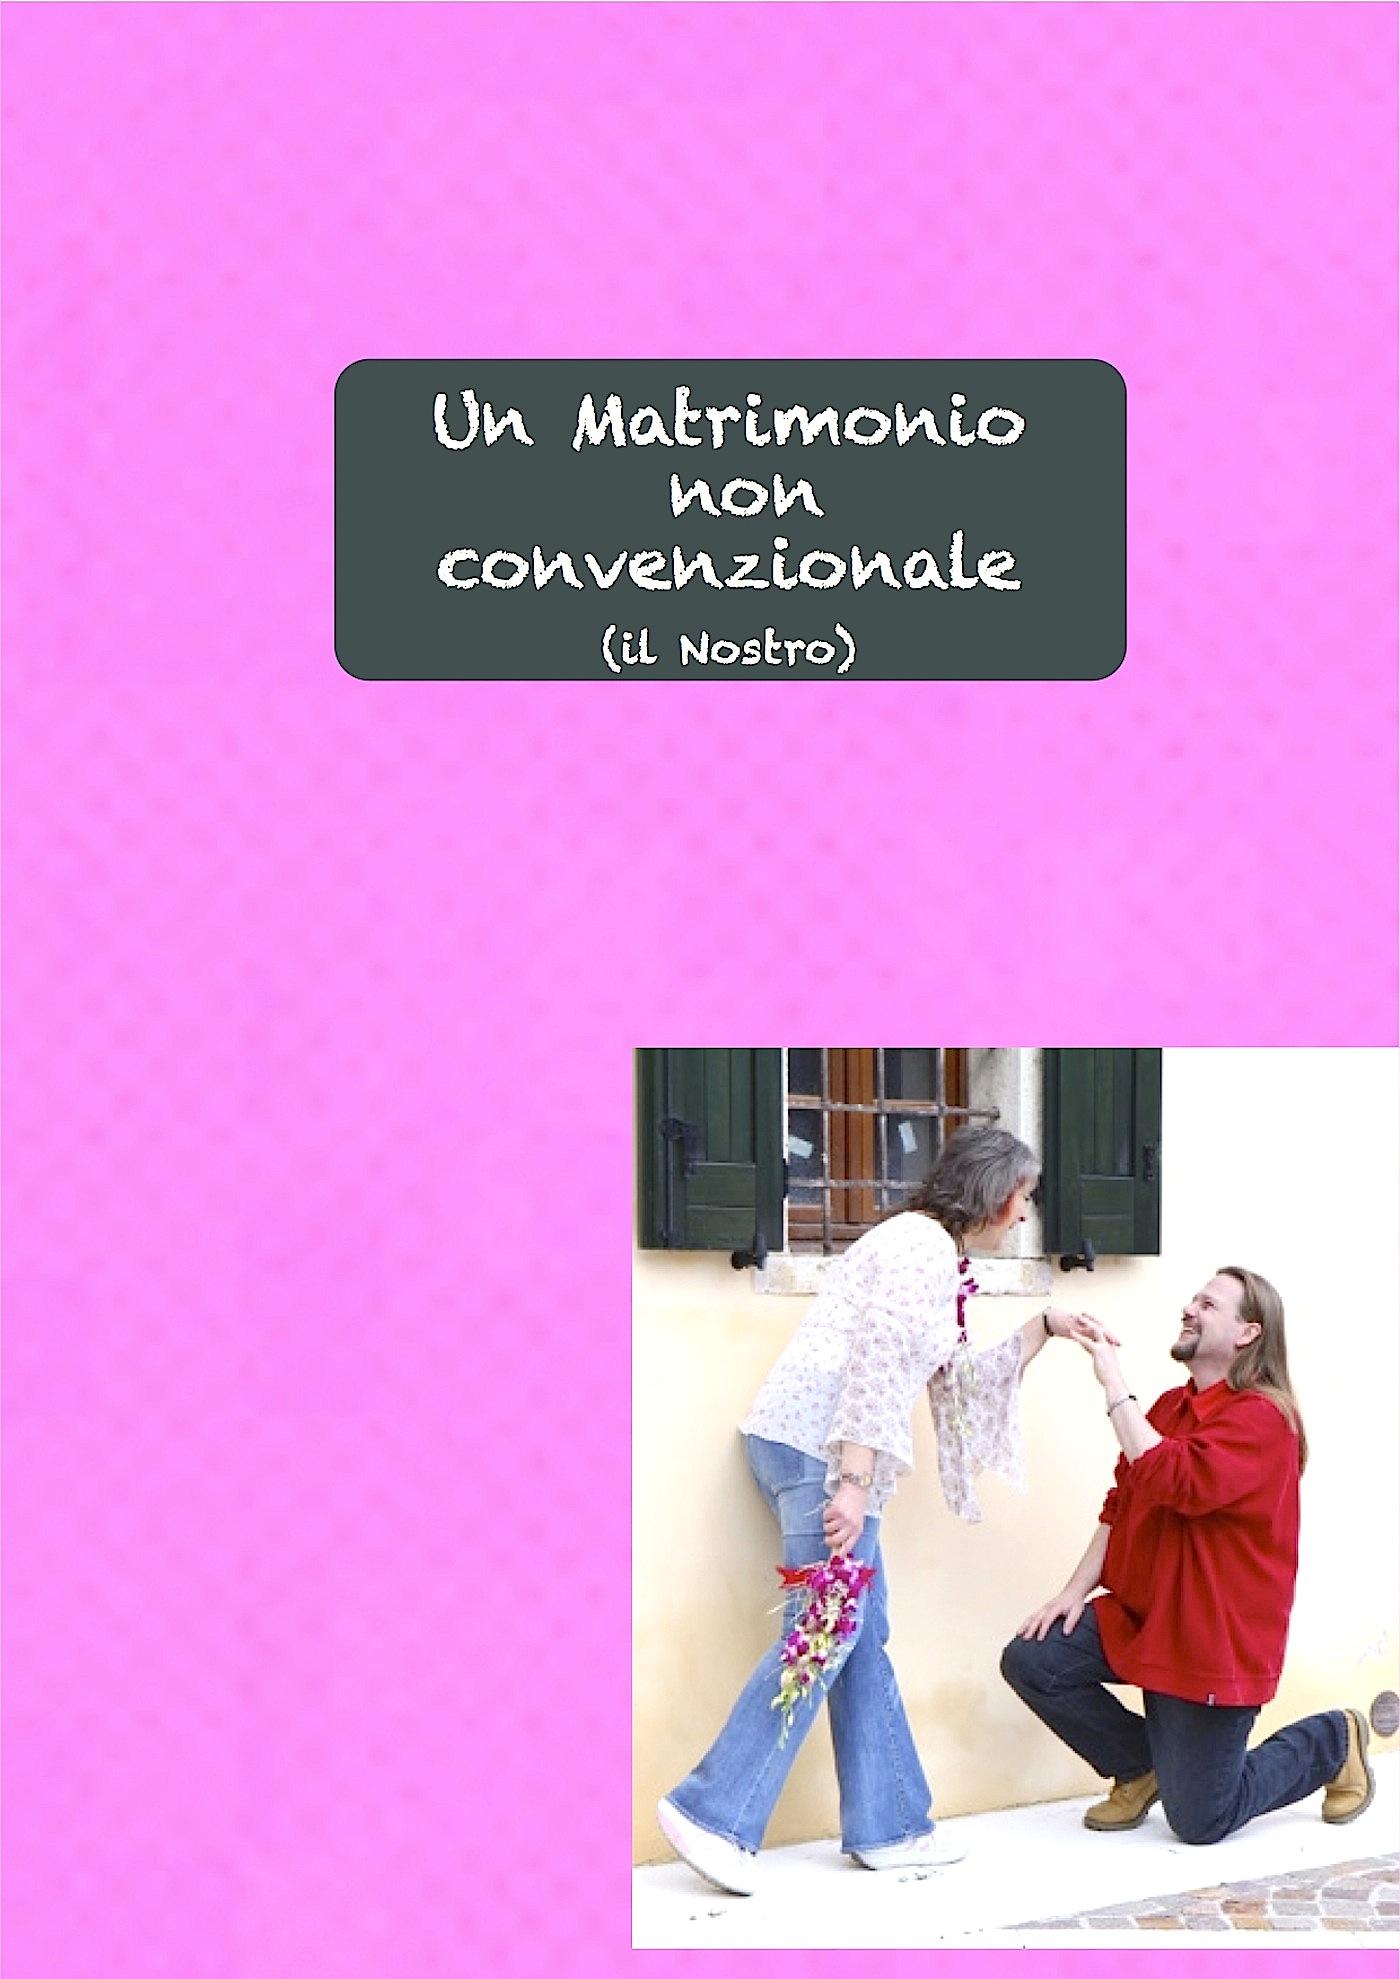 Un Matrimonio non convenzionale (il Nostro)